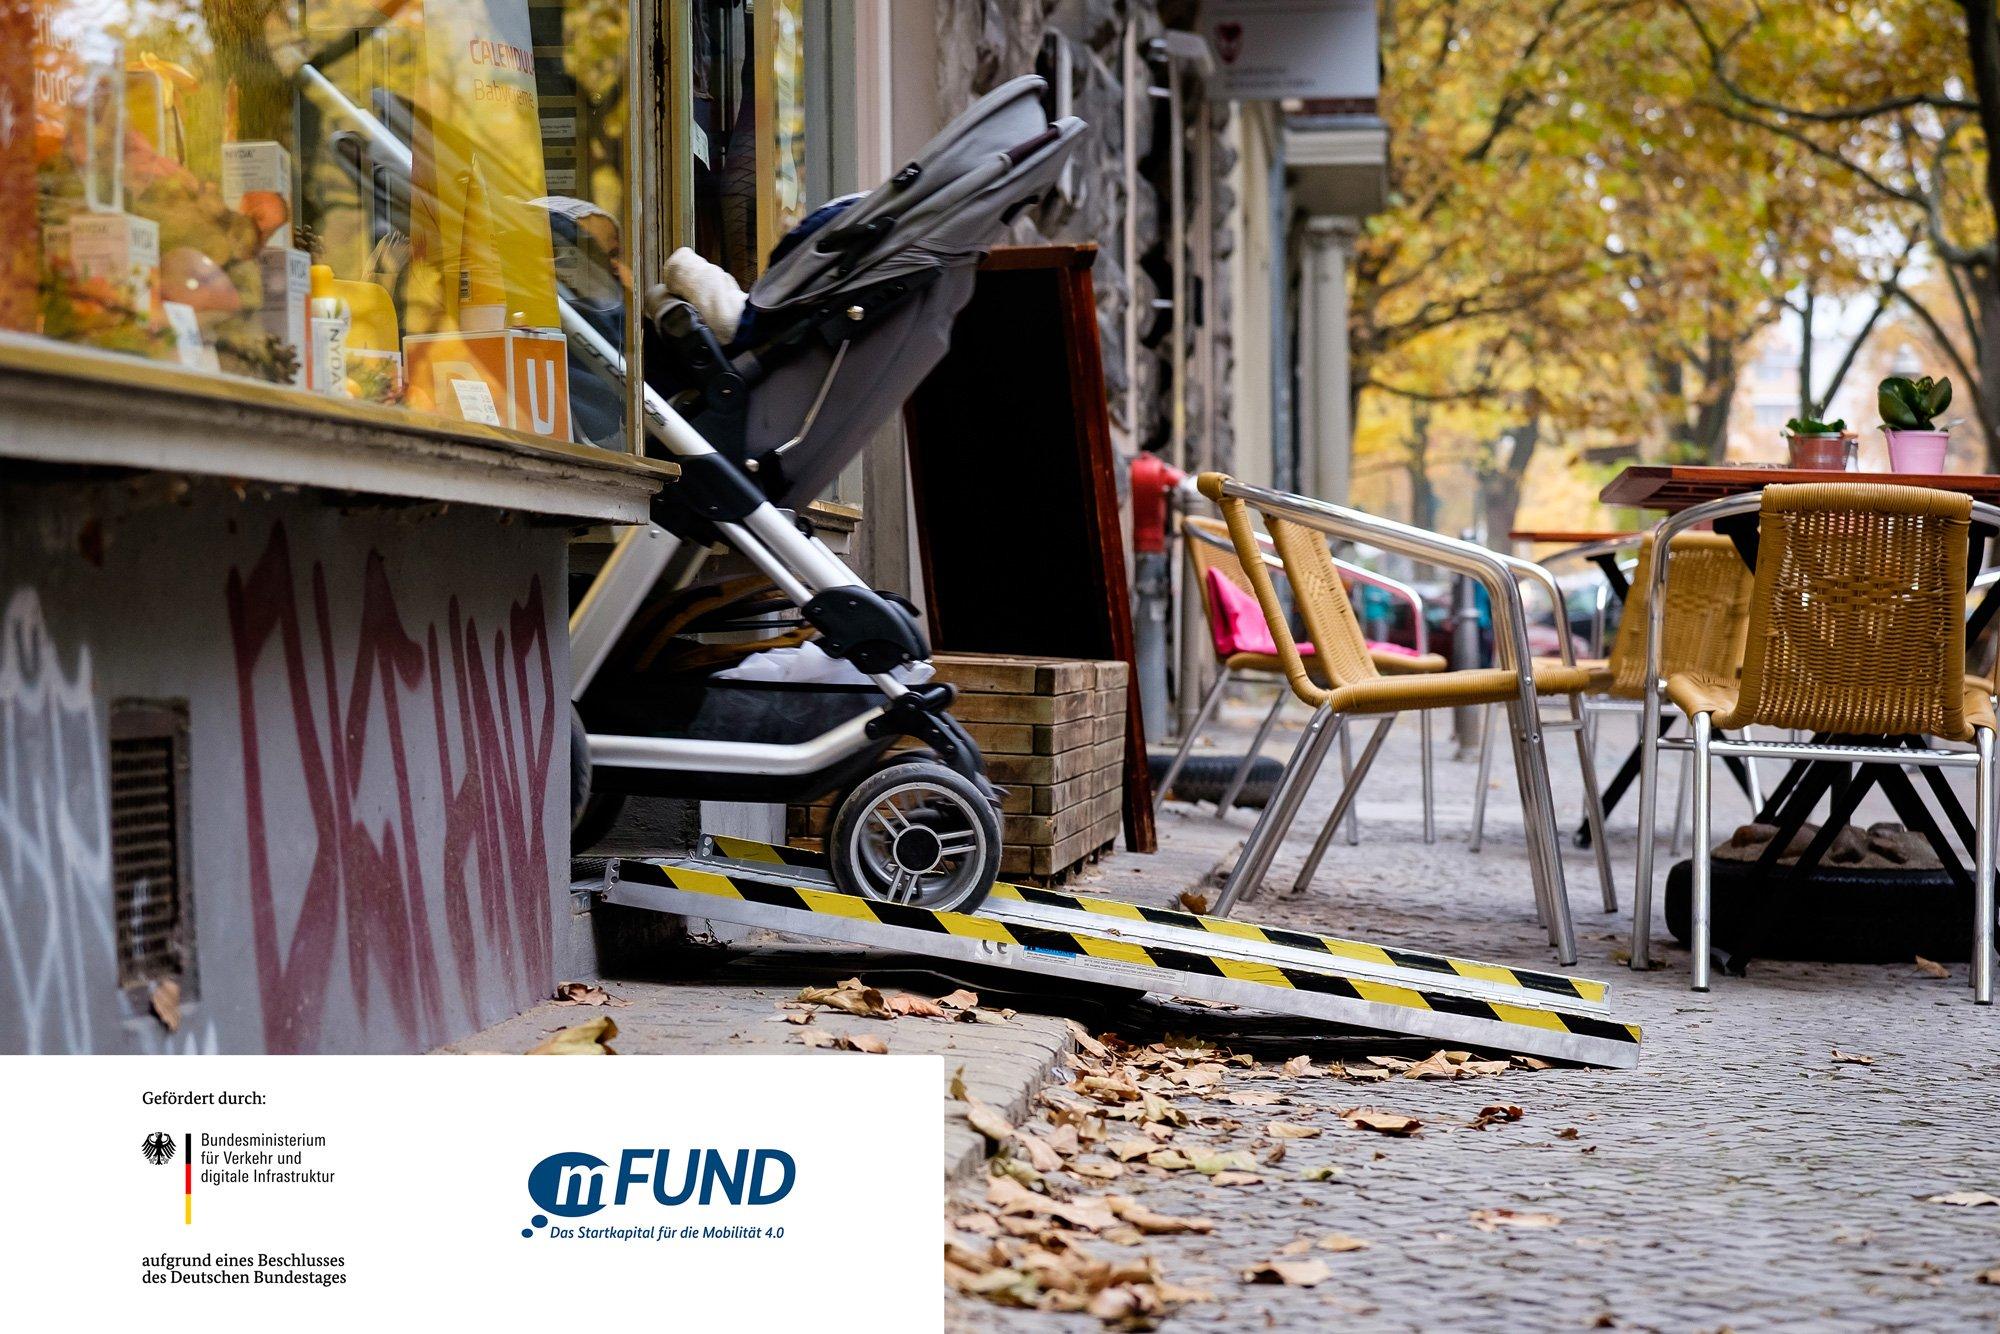 Ein Kinderwagen wird über eine Rampe aus einem Laden geschoben dazu das Logo vom mFund und Bundesministerium für Verkehr und digitale Infrastruktur (BMVI)